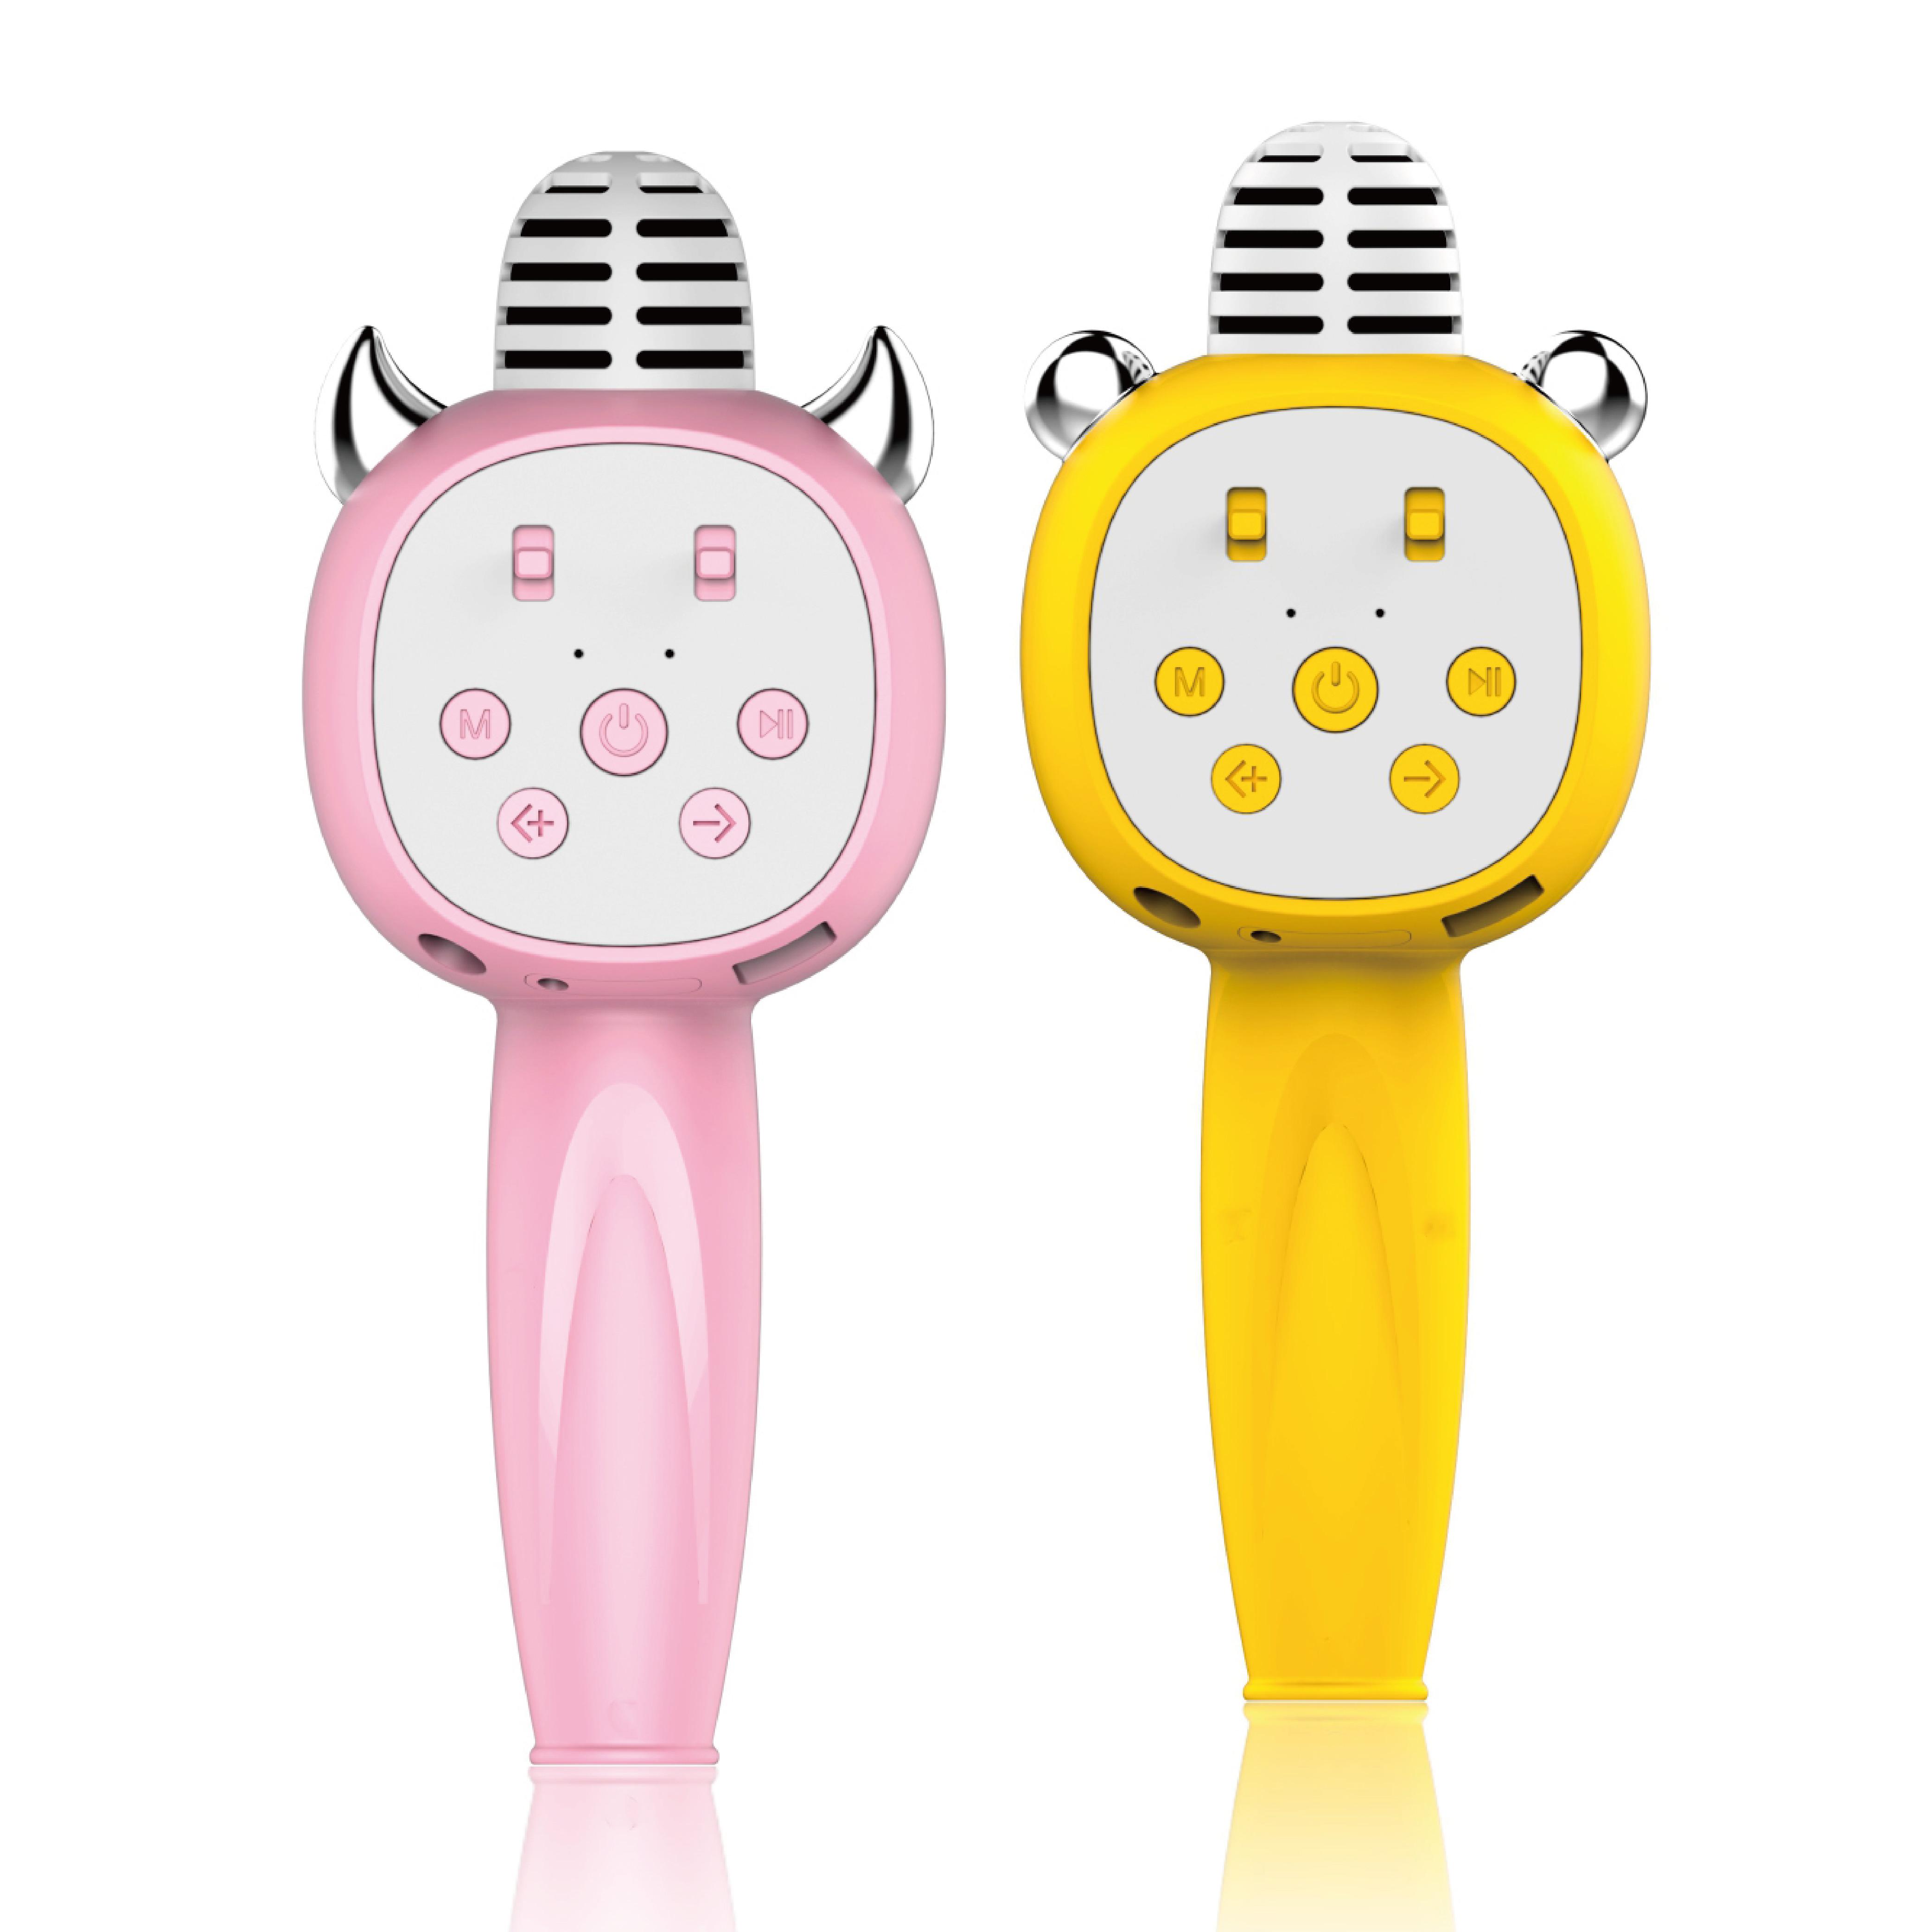 儿童卡拉ok唱歌机宝宝玩具全民k歌启蒙口才女孩无线蓝牙小话筒